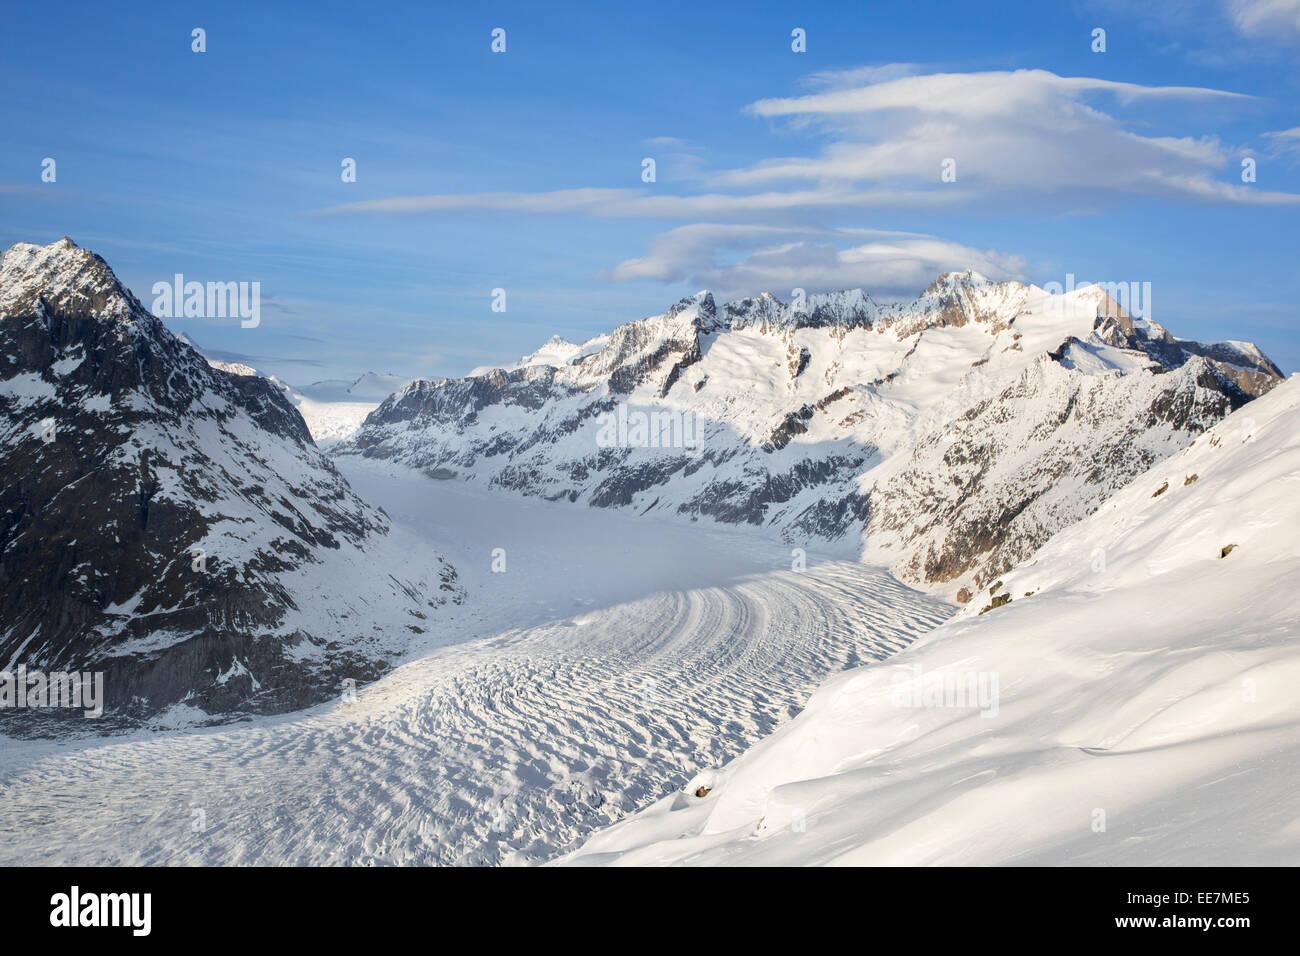 Blick über die schneebedeckten Berge im Winter rund um die Schweizer Aletschgletscher, der größte Stockbild